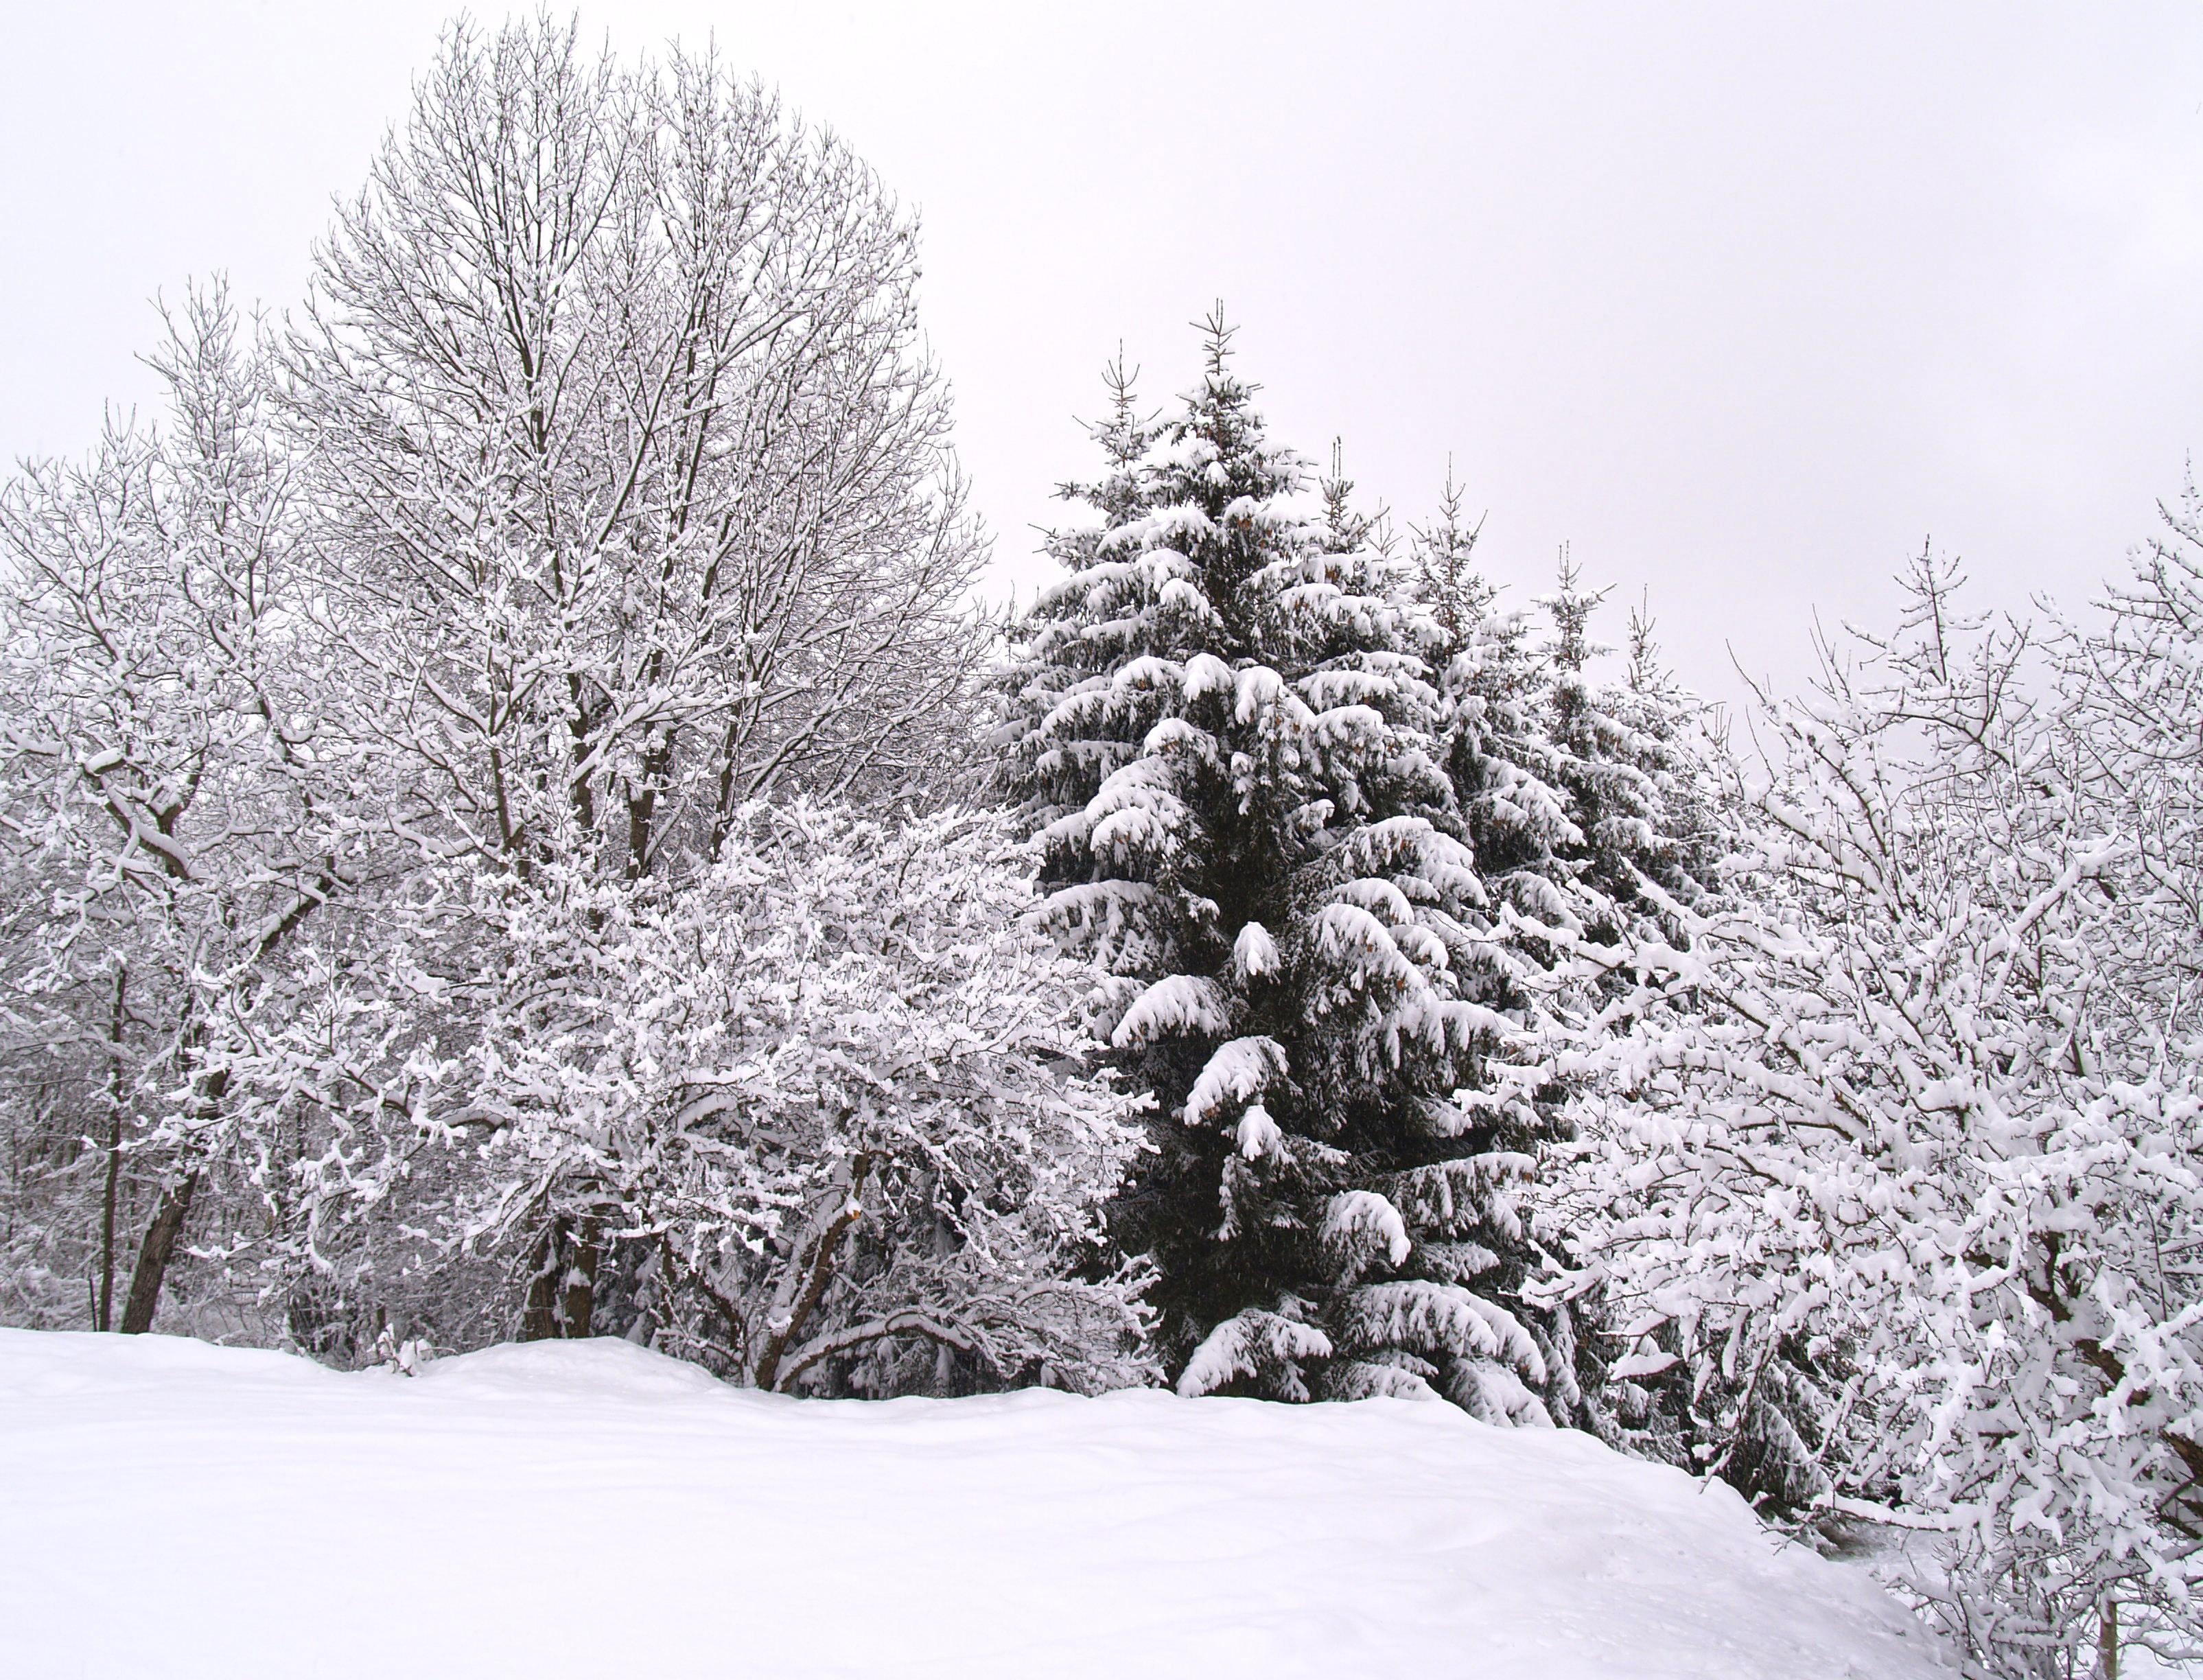 Images gratuites paysage for t branche neige hiver - Photos de neige gratuites ...